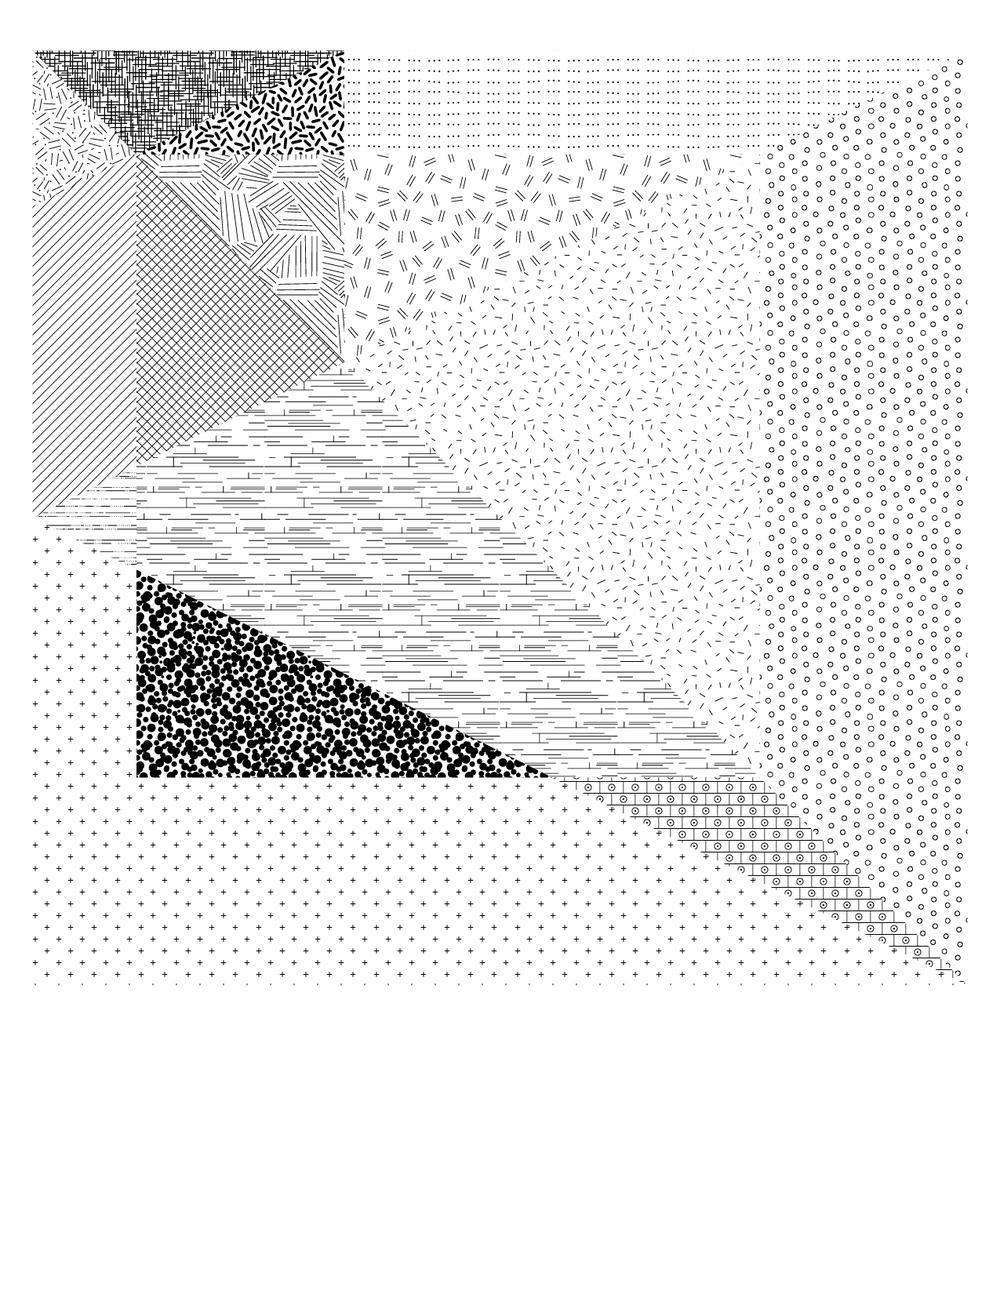 FormulaKills_9x9-05.jpg